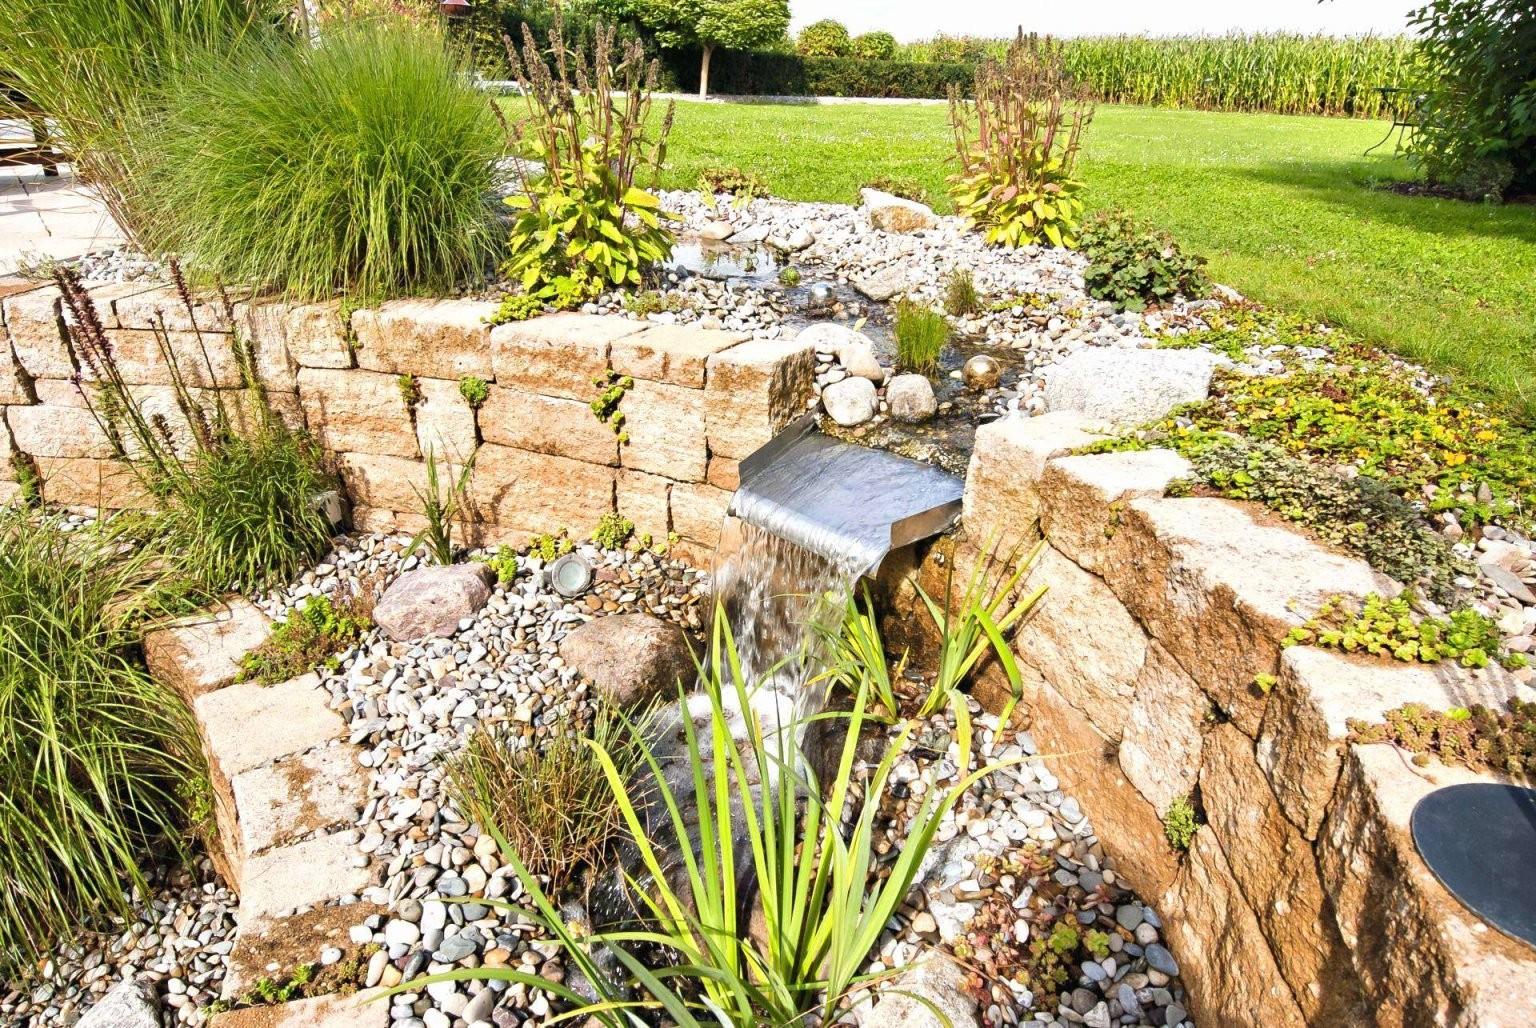 Mauer Garten Selber Bauen Das Beste Von Schrank Selber Bauen Ideen von Steinmauern Im Garten Selber Bauen Bild